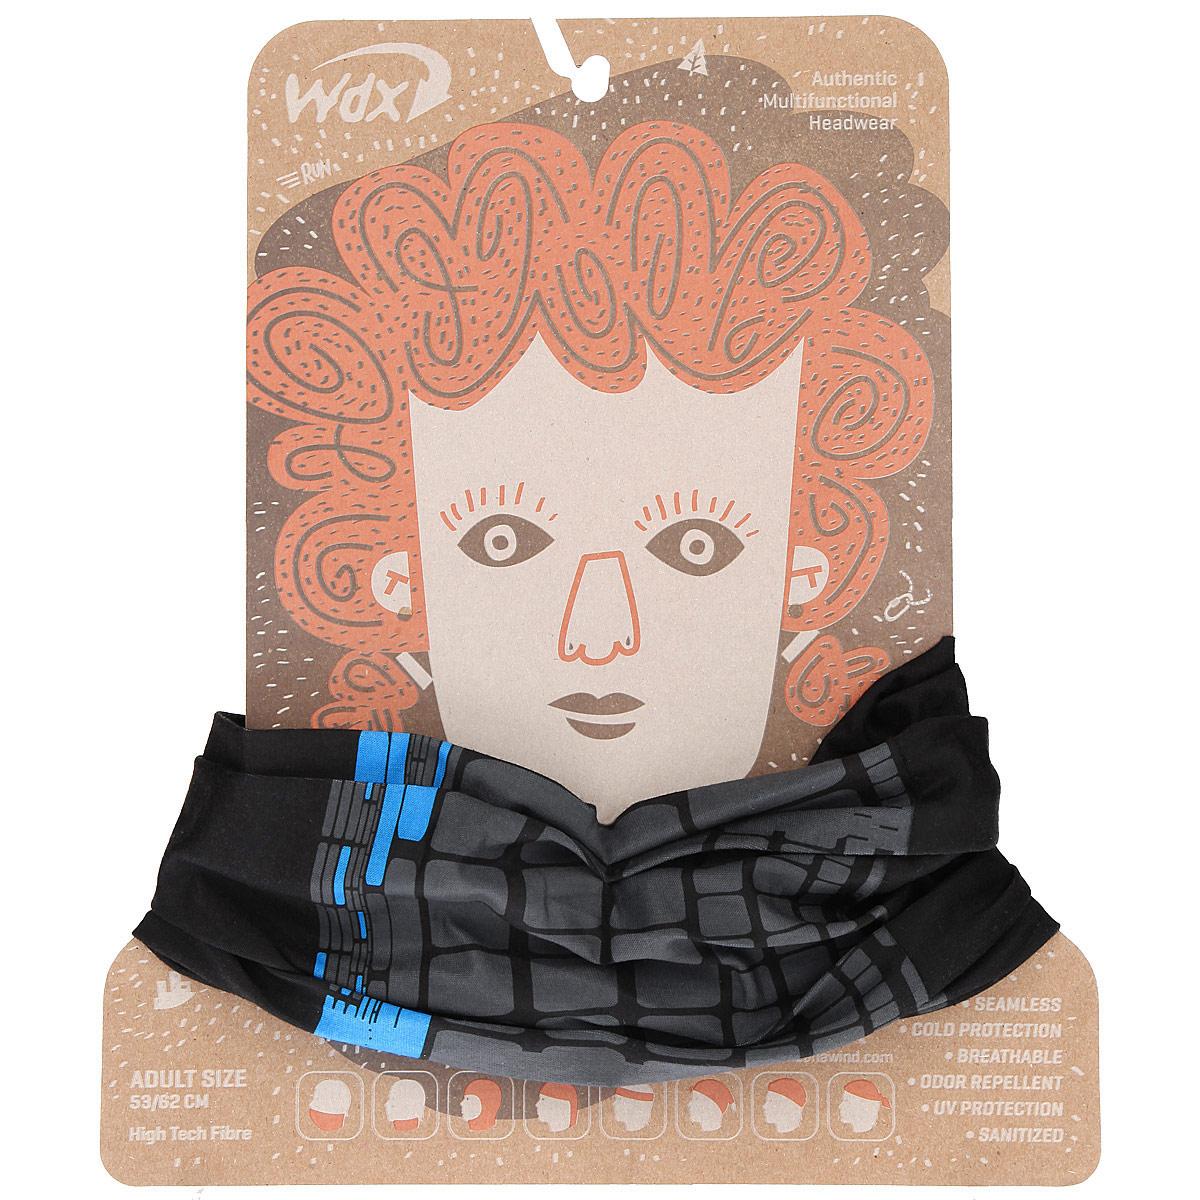 Бандана многофункциональная WindУТ-00006334_BlackJackМногофункциональный головной убор WindXtreme Wind - это очень современный предмет одежды, который защитит вас от ветра. Его можно использовать как: шарф, шейный платок, бандану, повязку, ленту для волос, балаклаву и шапку. Подходит для занятий бегом, походов, скалолазания, езды на велосипеде, сноуборда, катания на лыжах, мотоциклах, игры в хоккей, а так же для повседневного использования. Бандана не имеет швов, а материал из микроволокна позволяет коже дышать, гарантирует дополнительные тепло и комфорт, отведение влаги, быстрое высыхание. Изделие очень эластично и принимает практически любую форму. Обладает антибактериальным эффектом. Уважаемые клиенты! Размер, доступный для заказа, является обхватом головы.